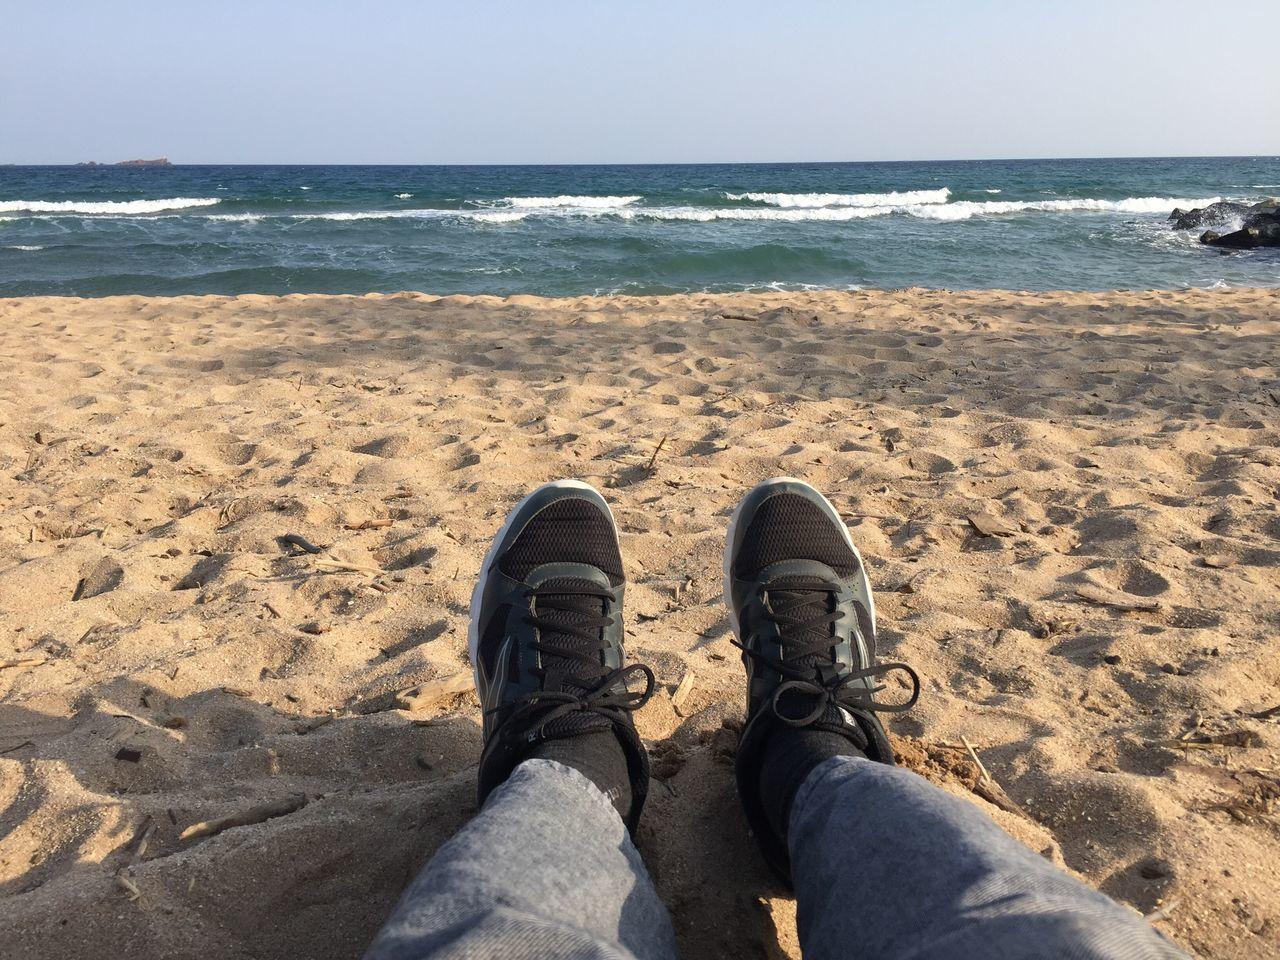 Bien dans mes baskets et bientôt sans les baskets 😃😉 Sea Beach Tranquility Water Mer Mediterranée Méditerranée Mer Côte D'Azur Bord De Mer Sable Foot Pieds Sky Ciel